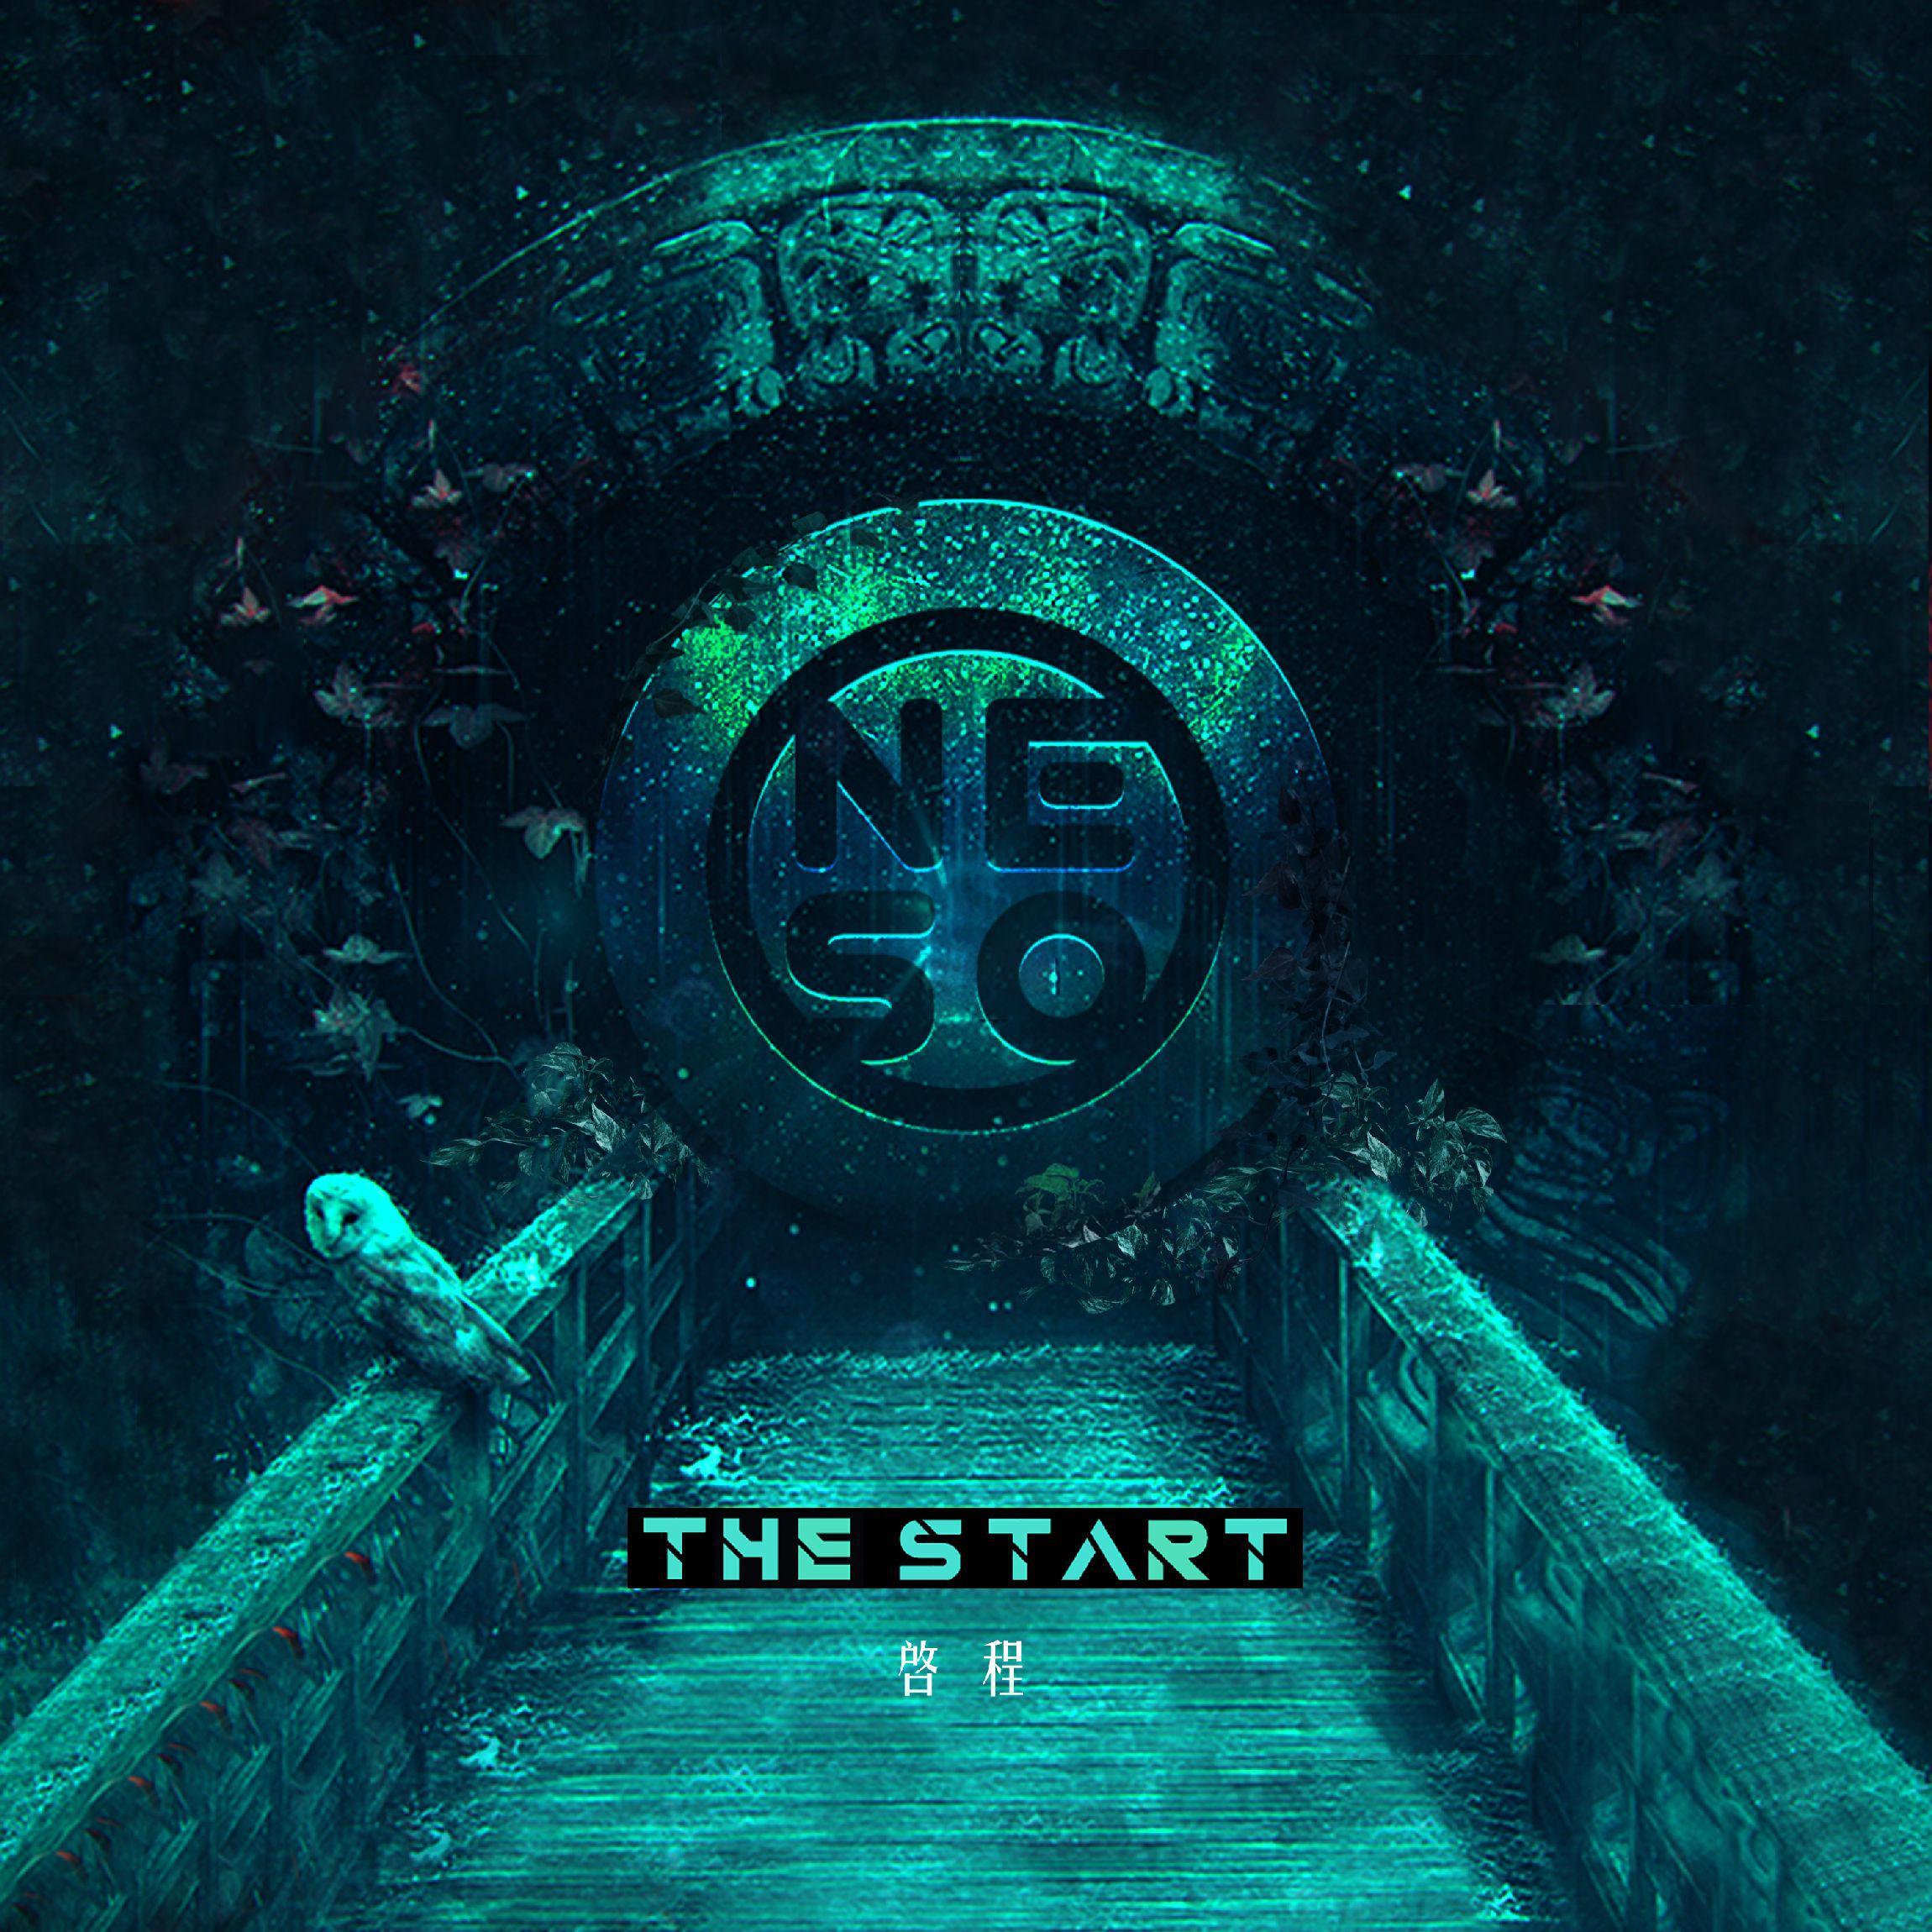 The Start(启程)